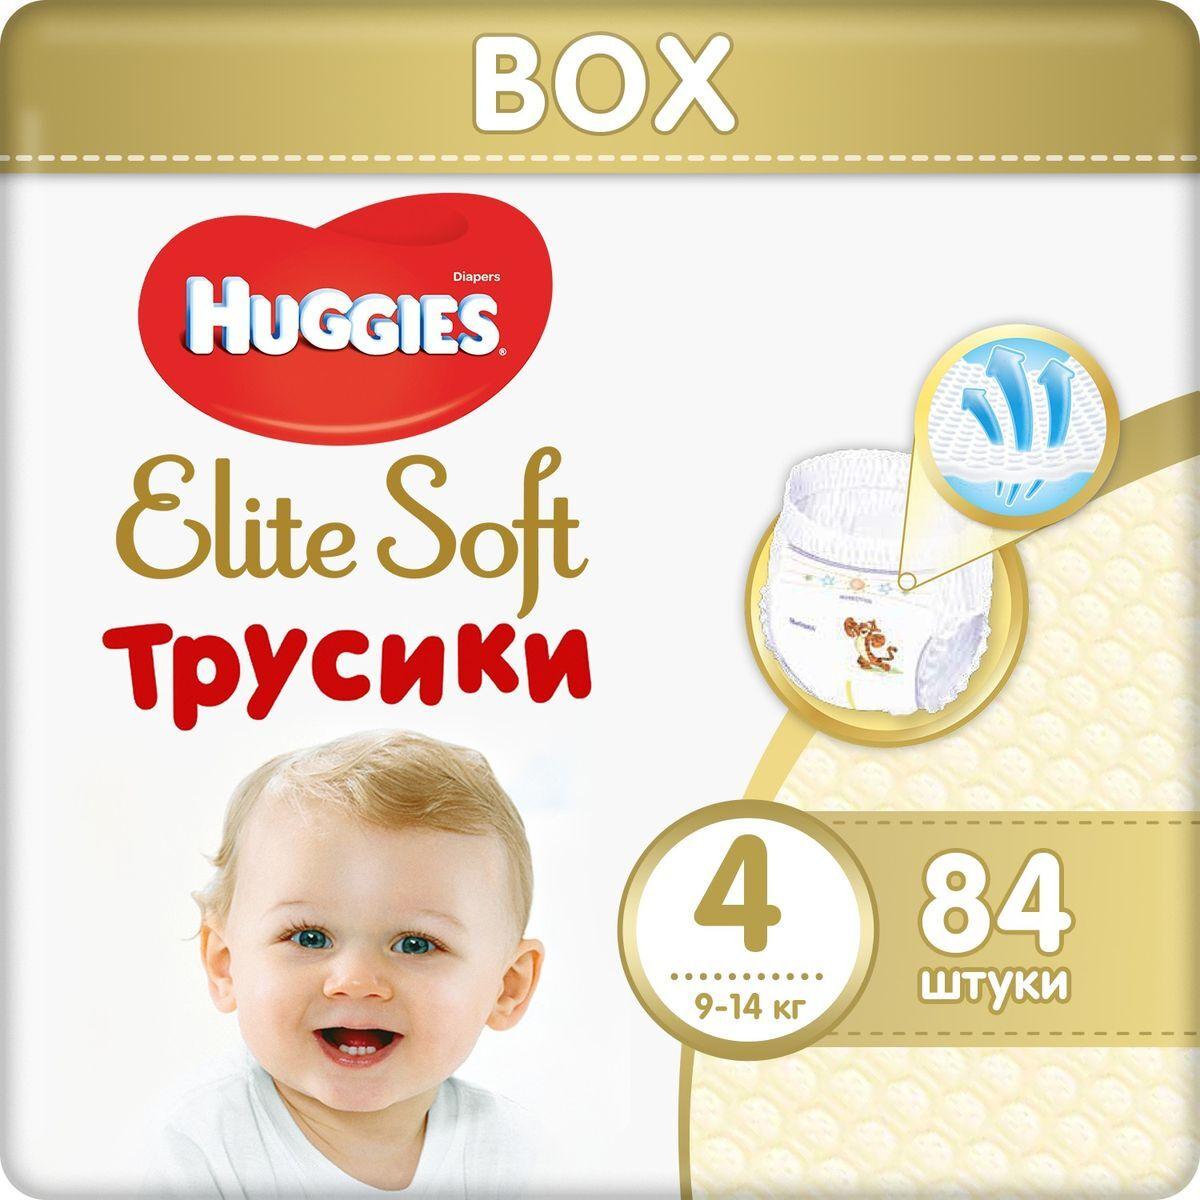 Huggies Подгузники-трусики Elite Soft 9-14 кг (размер 4) 84 шт #1